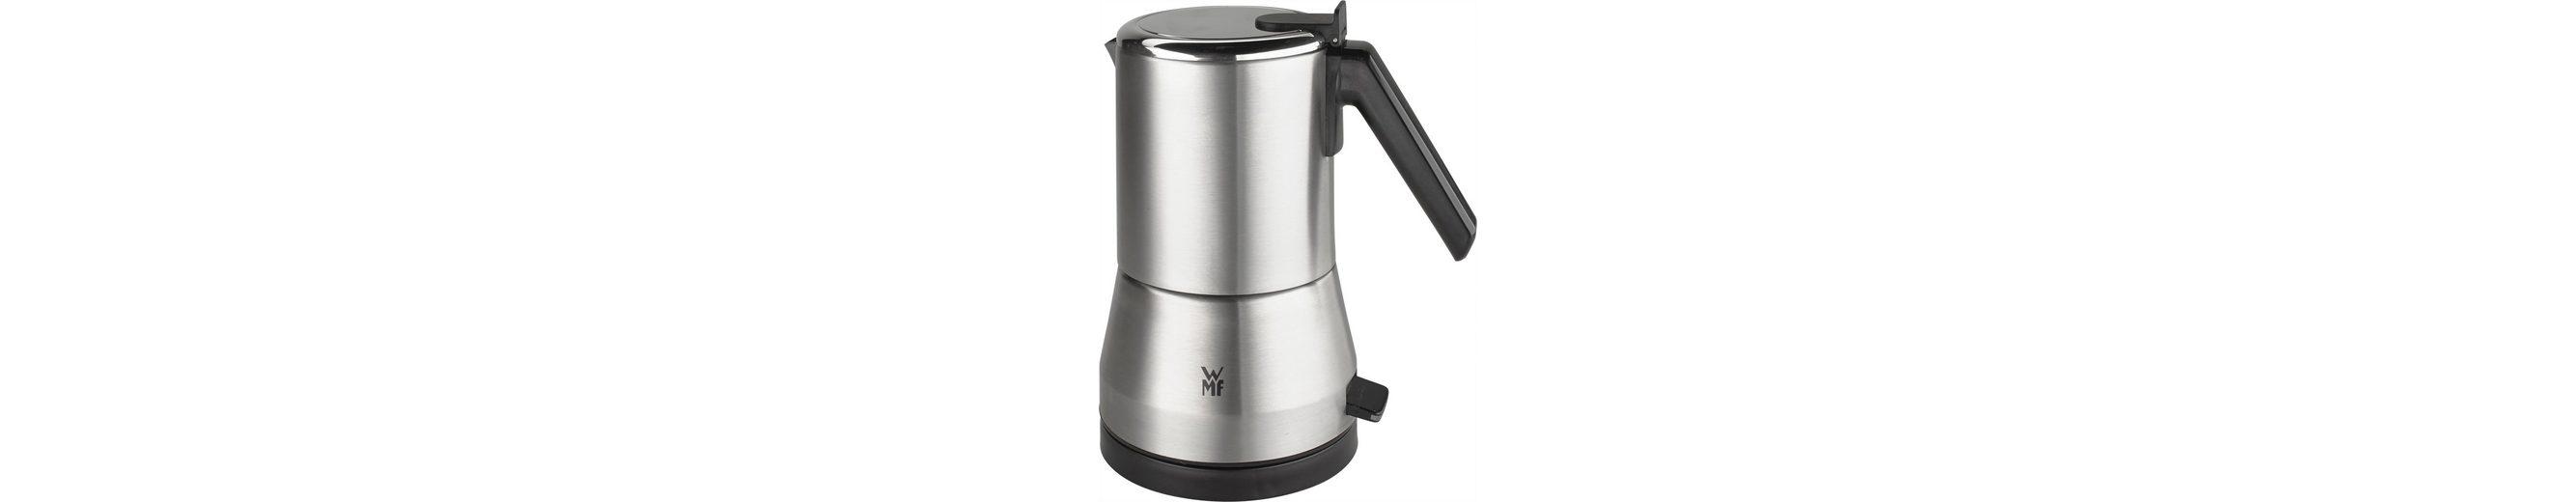 WMF KÜCHENminis® Espressokocher für 2-4 Tassen, Cromargan® matt